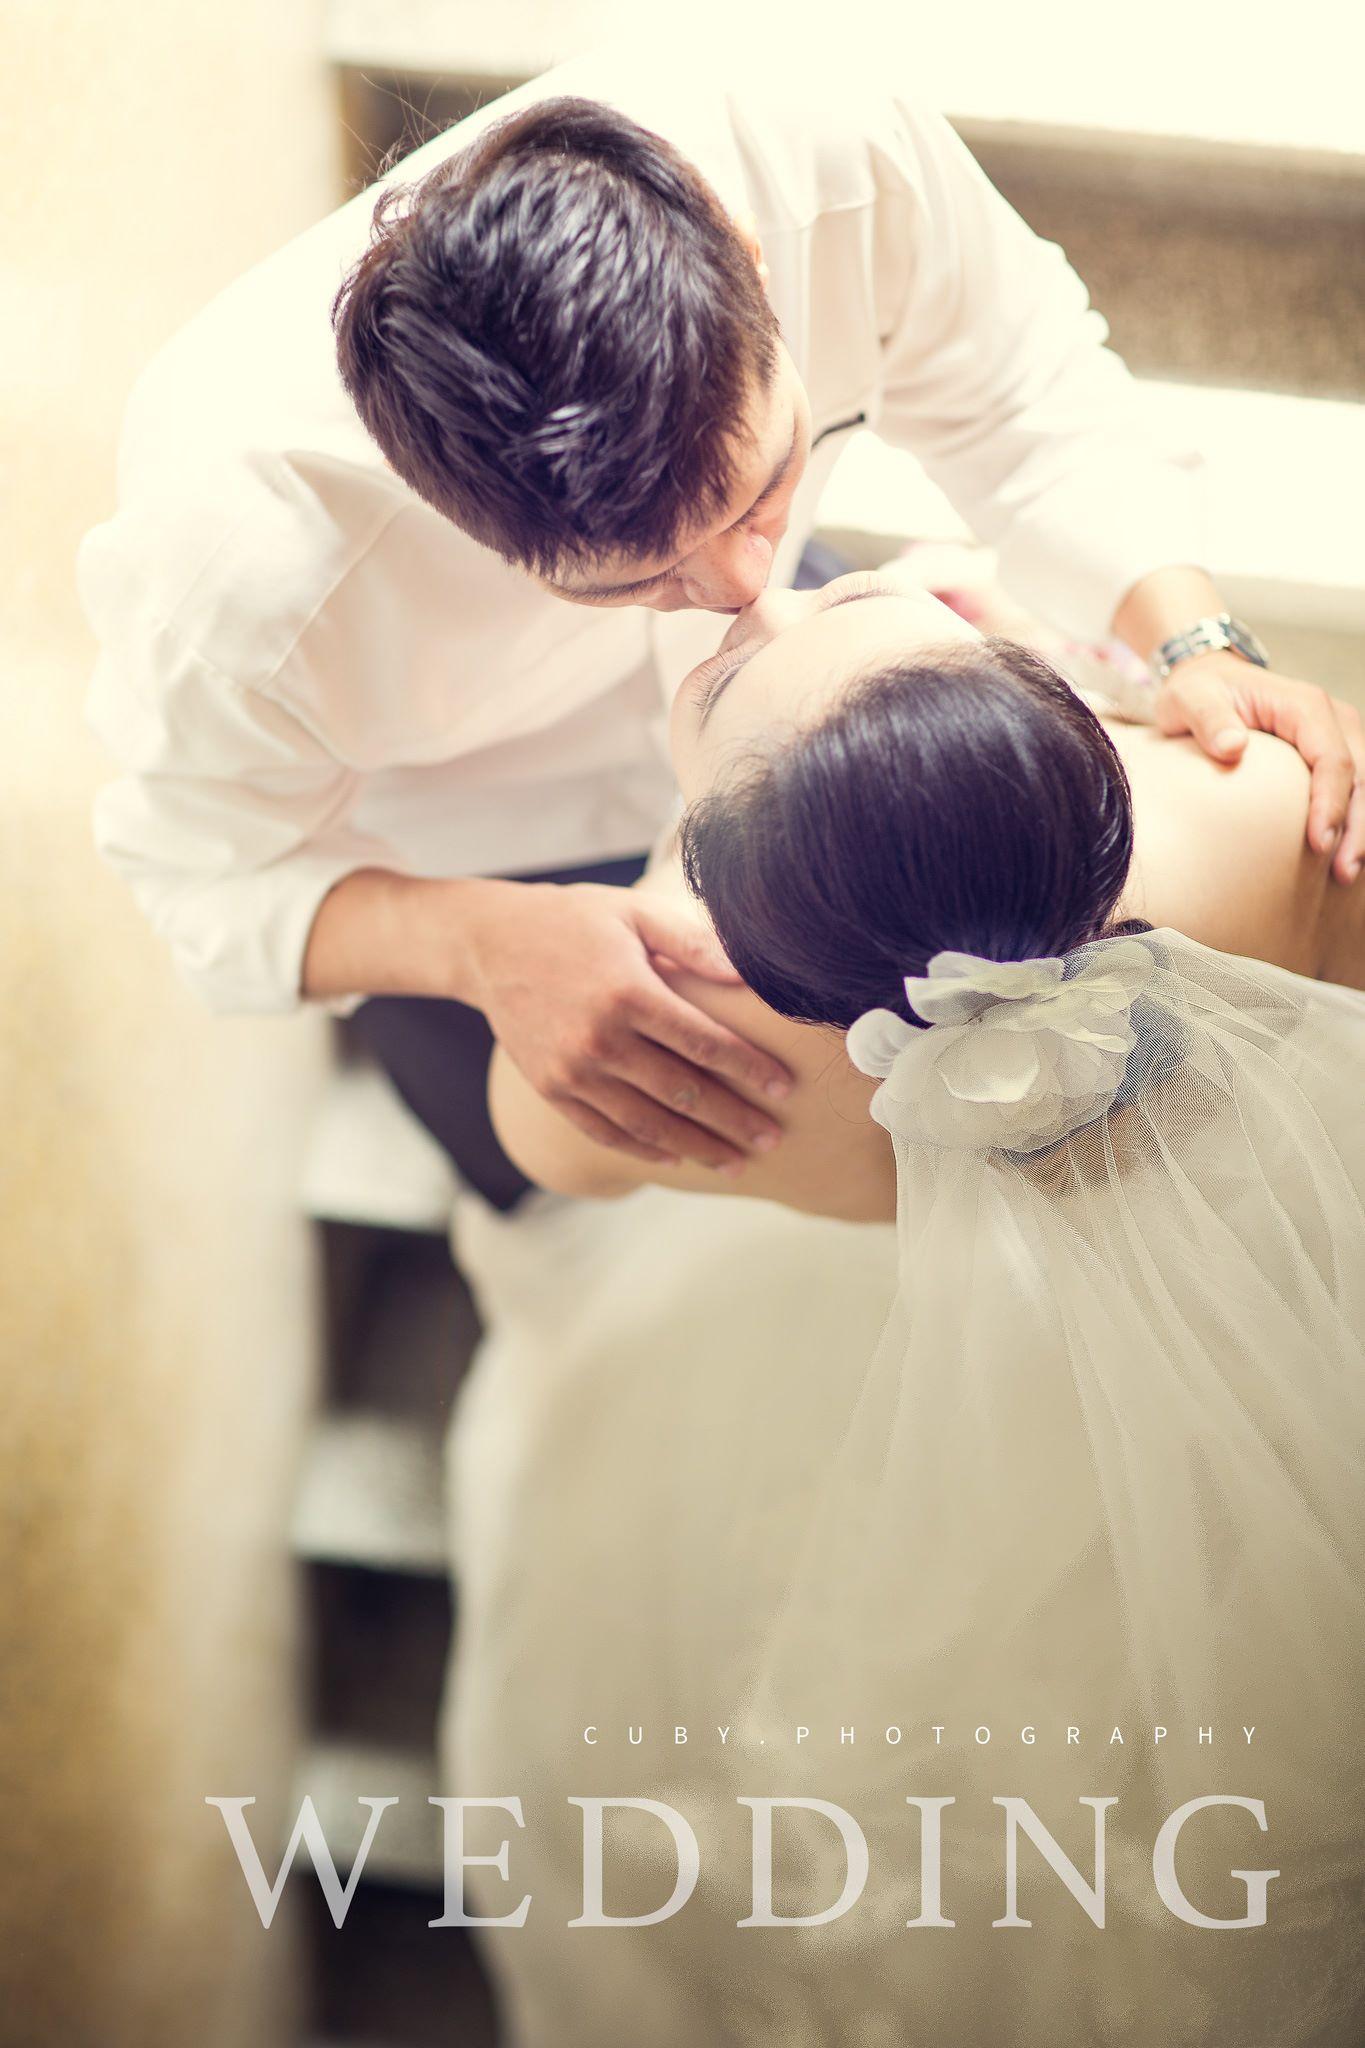 CUBY_酷比攝影_東華影樓_婚紗_婚攝_婚禮記錄021